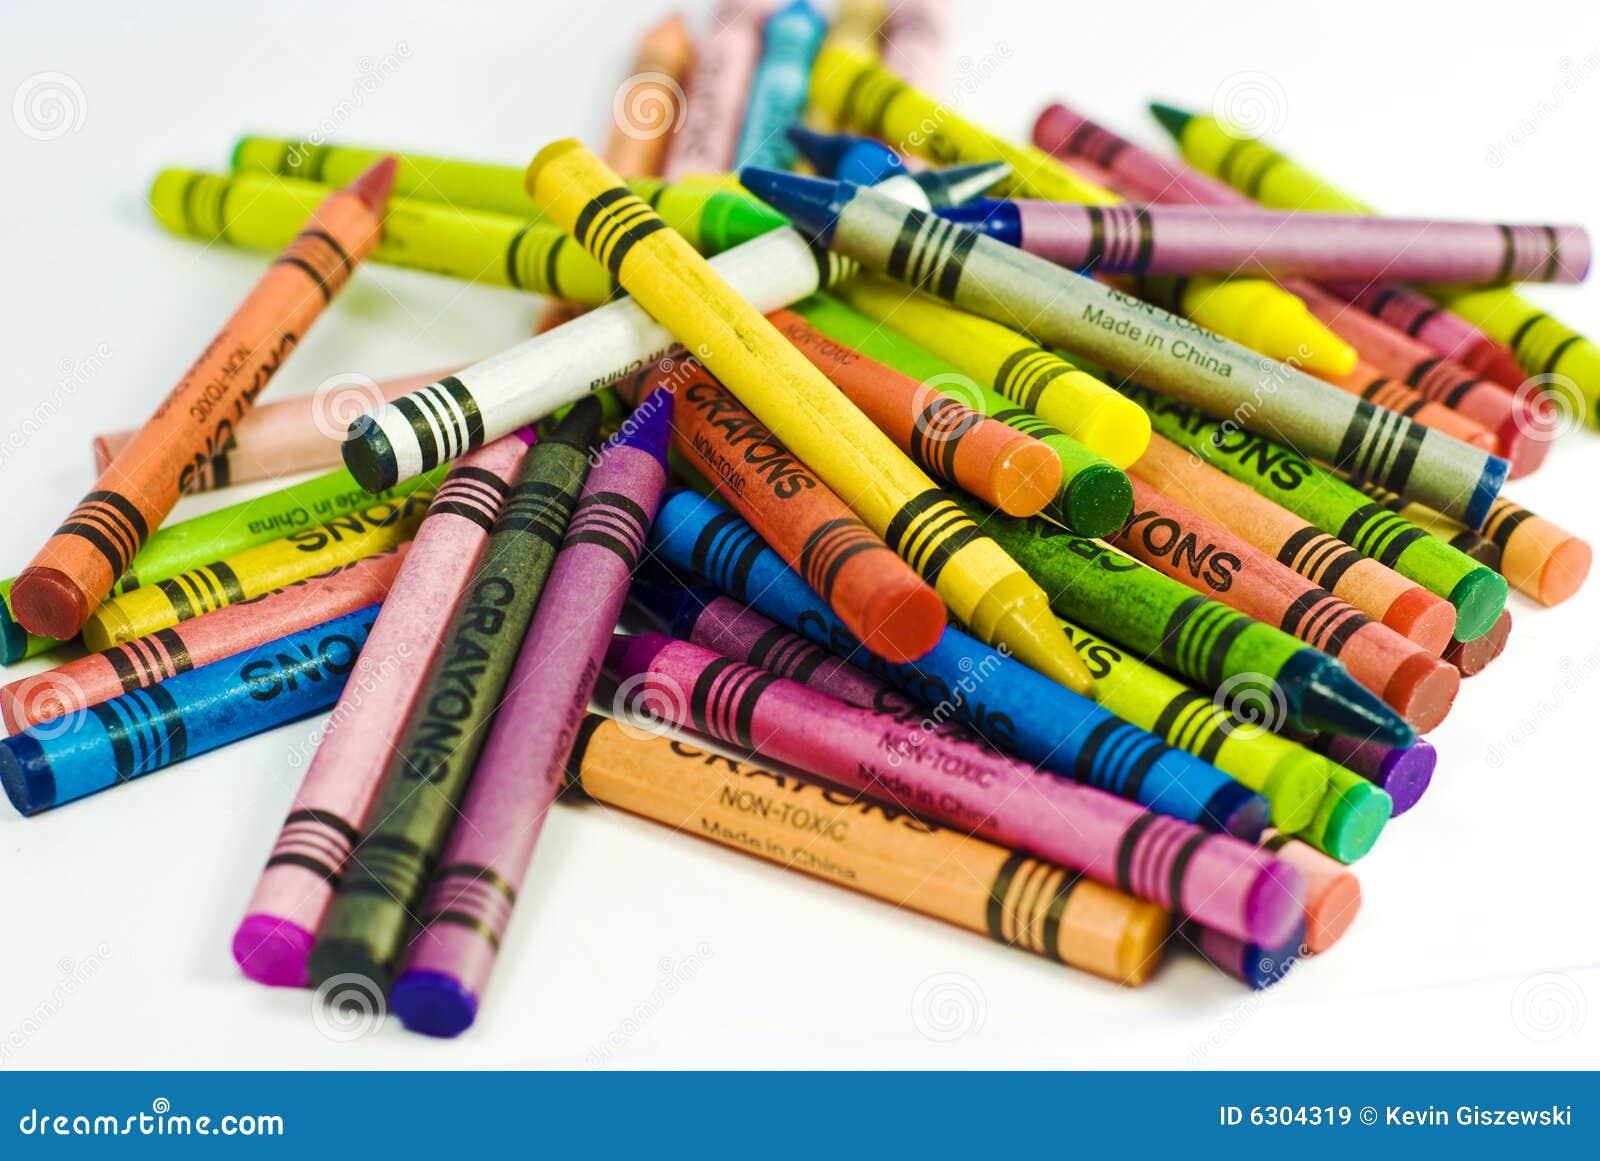 crayons stock photos 31 110 images